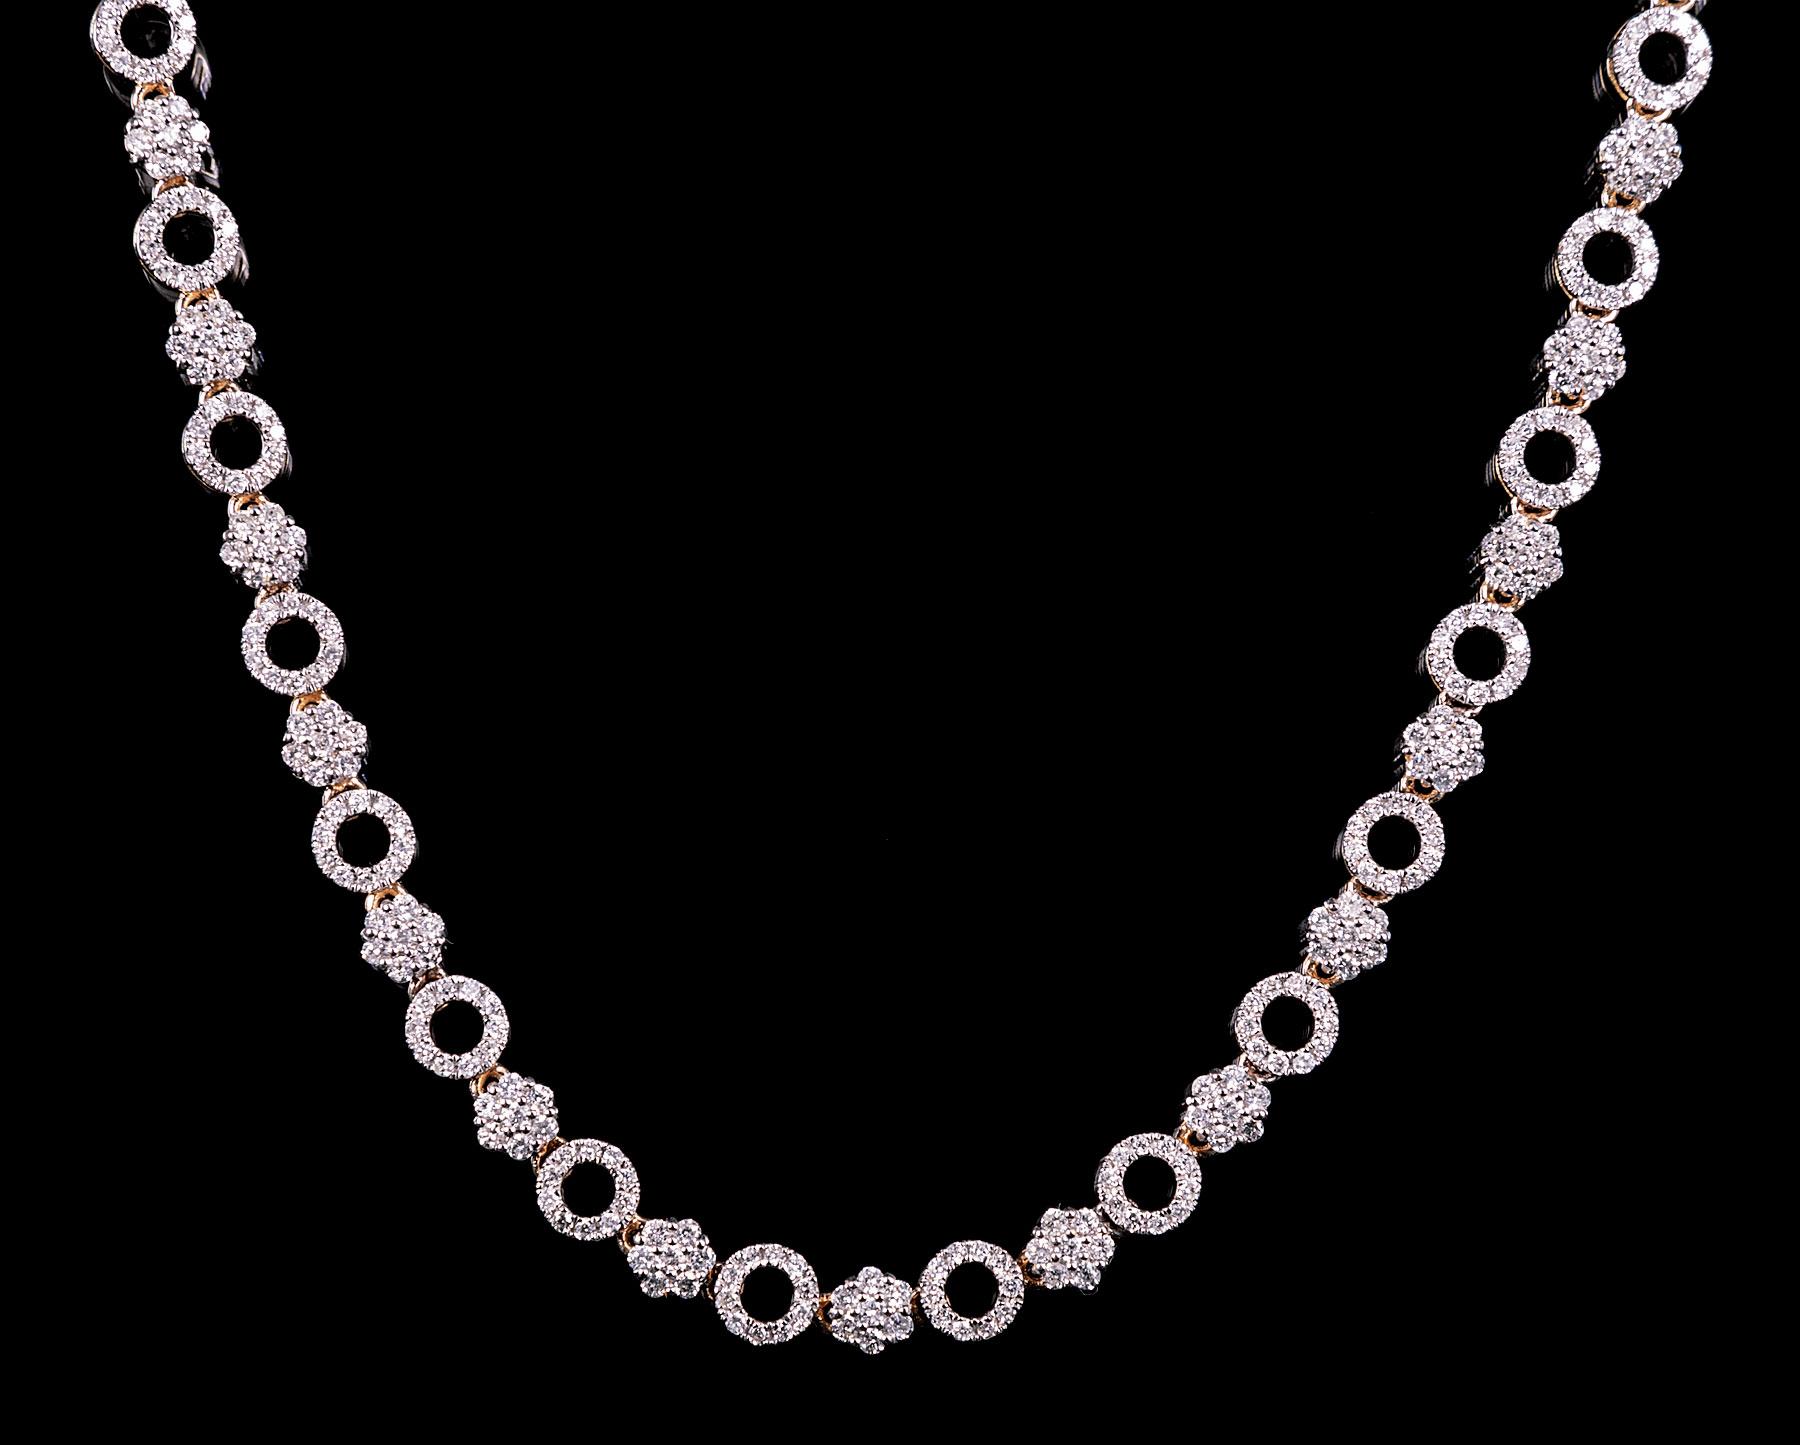 Lot 603 - 14 kt. White Gold and Diamond Necklace , 663 prong set round brilliant cut diamonds, est. depth 1.40